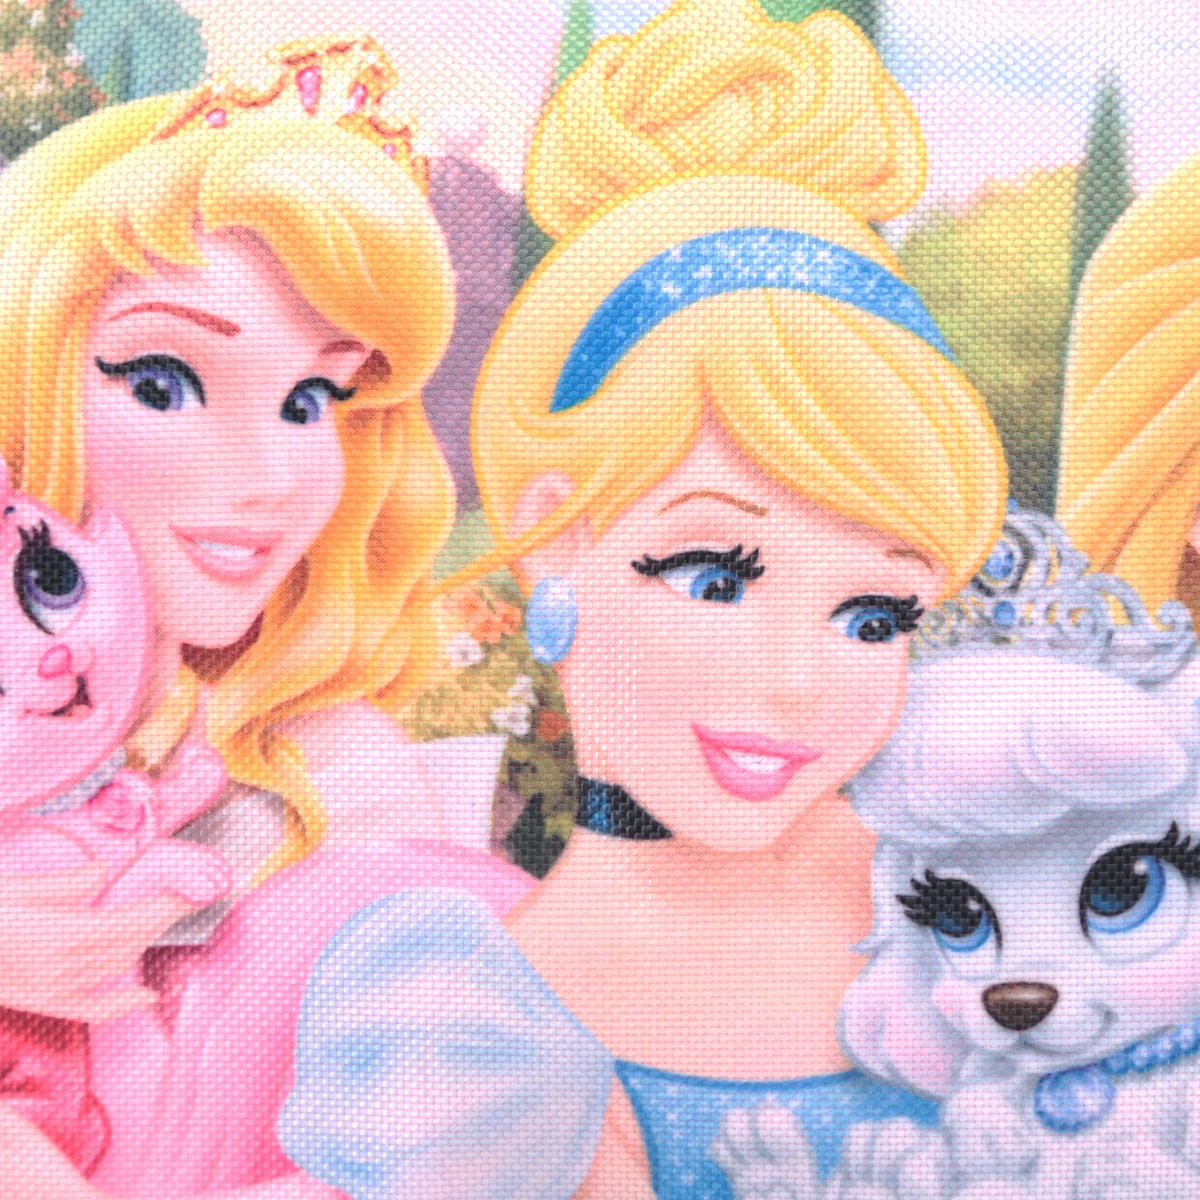 Детская сумочка Princess - это модный аксессуар для юной поклонницы популярного мультсериала . Сумочка выполнена из прочного материала ярко-розового цвета и оформлена с лицевой стороны аппликацией из полиэстера с изображением трех принцесс. Сумочка содержит компактное одно отделение и закрывается с помощью застежки-молнии. Сумочка оснащена ручкой для переноски в руке. Высота ручки 17 см.  Порадуйте свою малышку таким замечательным подарком!   Предназначено для детей 7-10 лет.